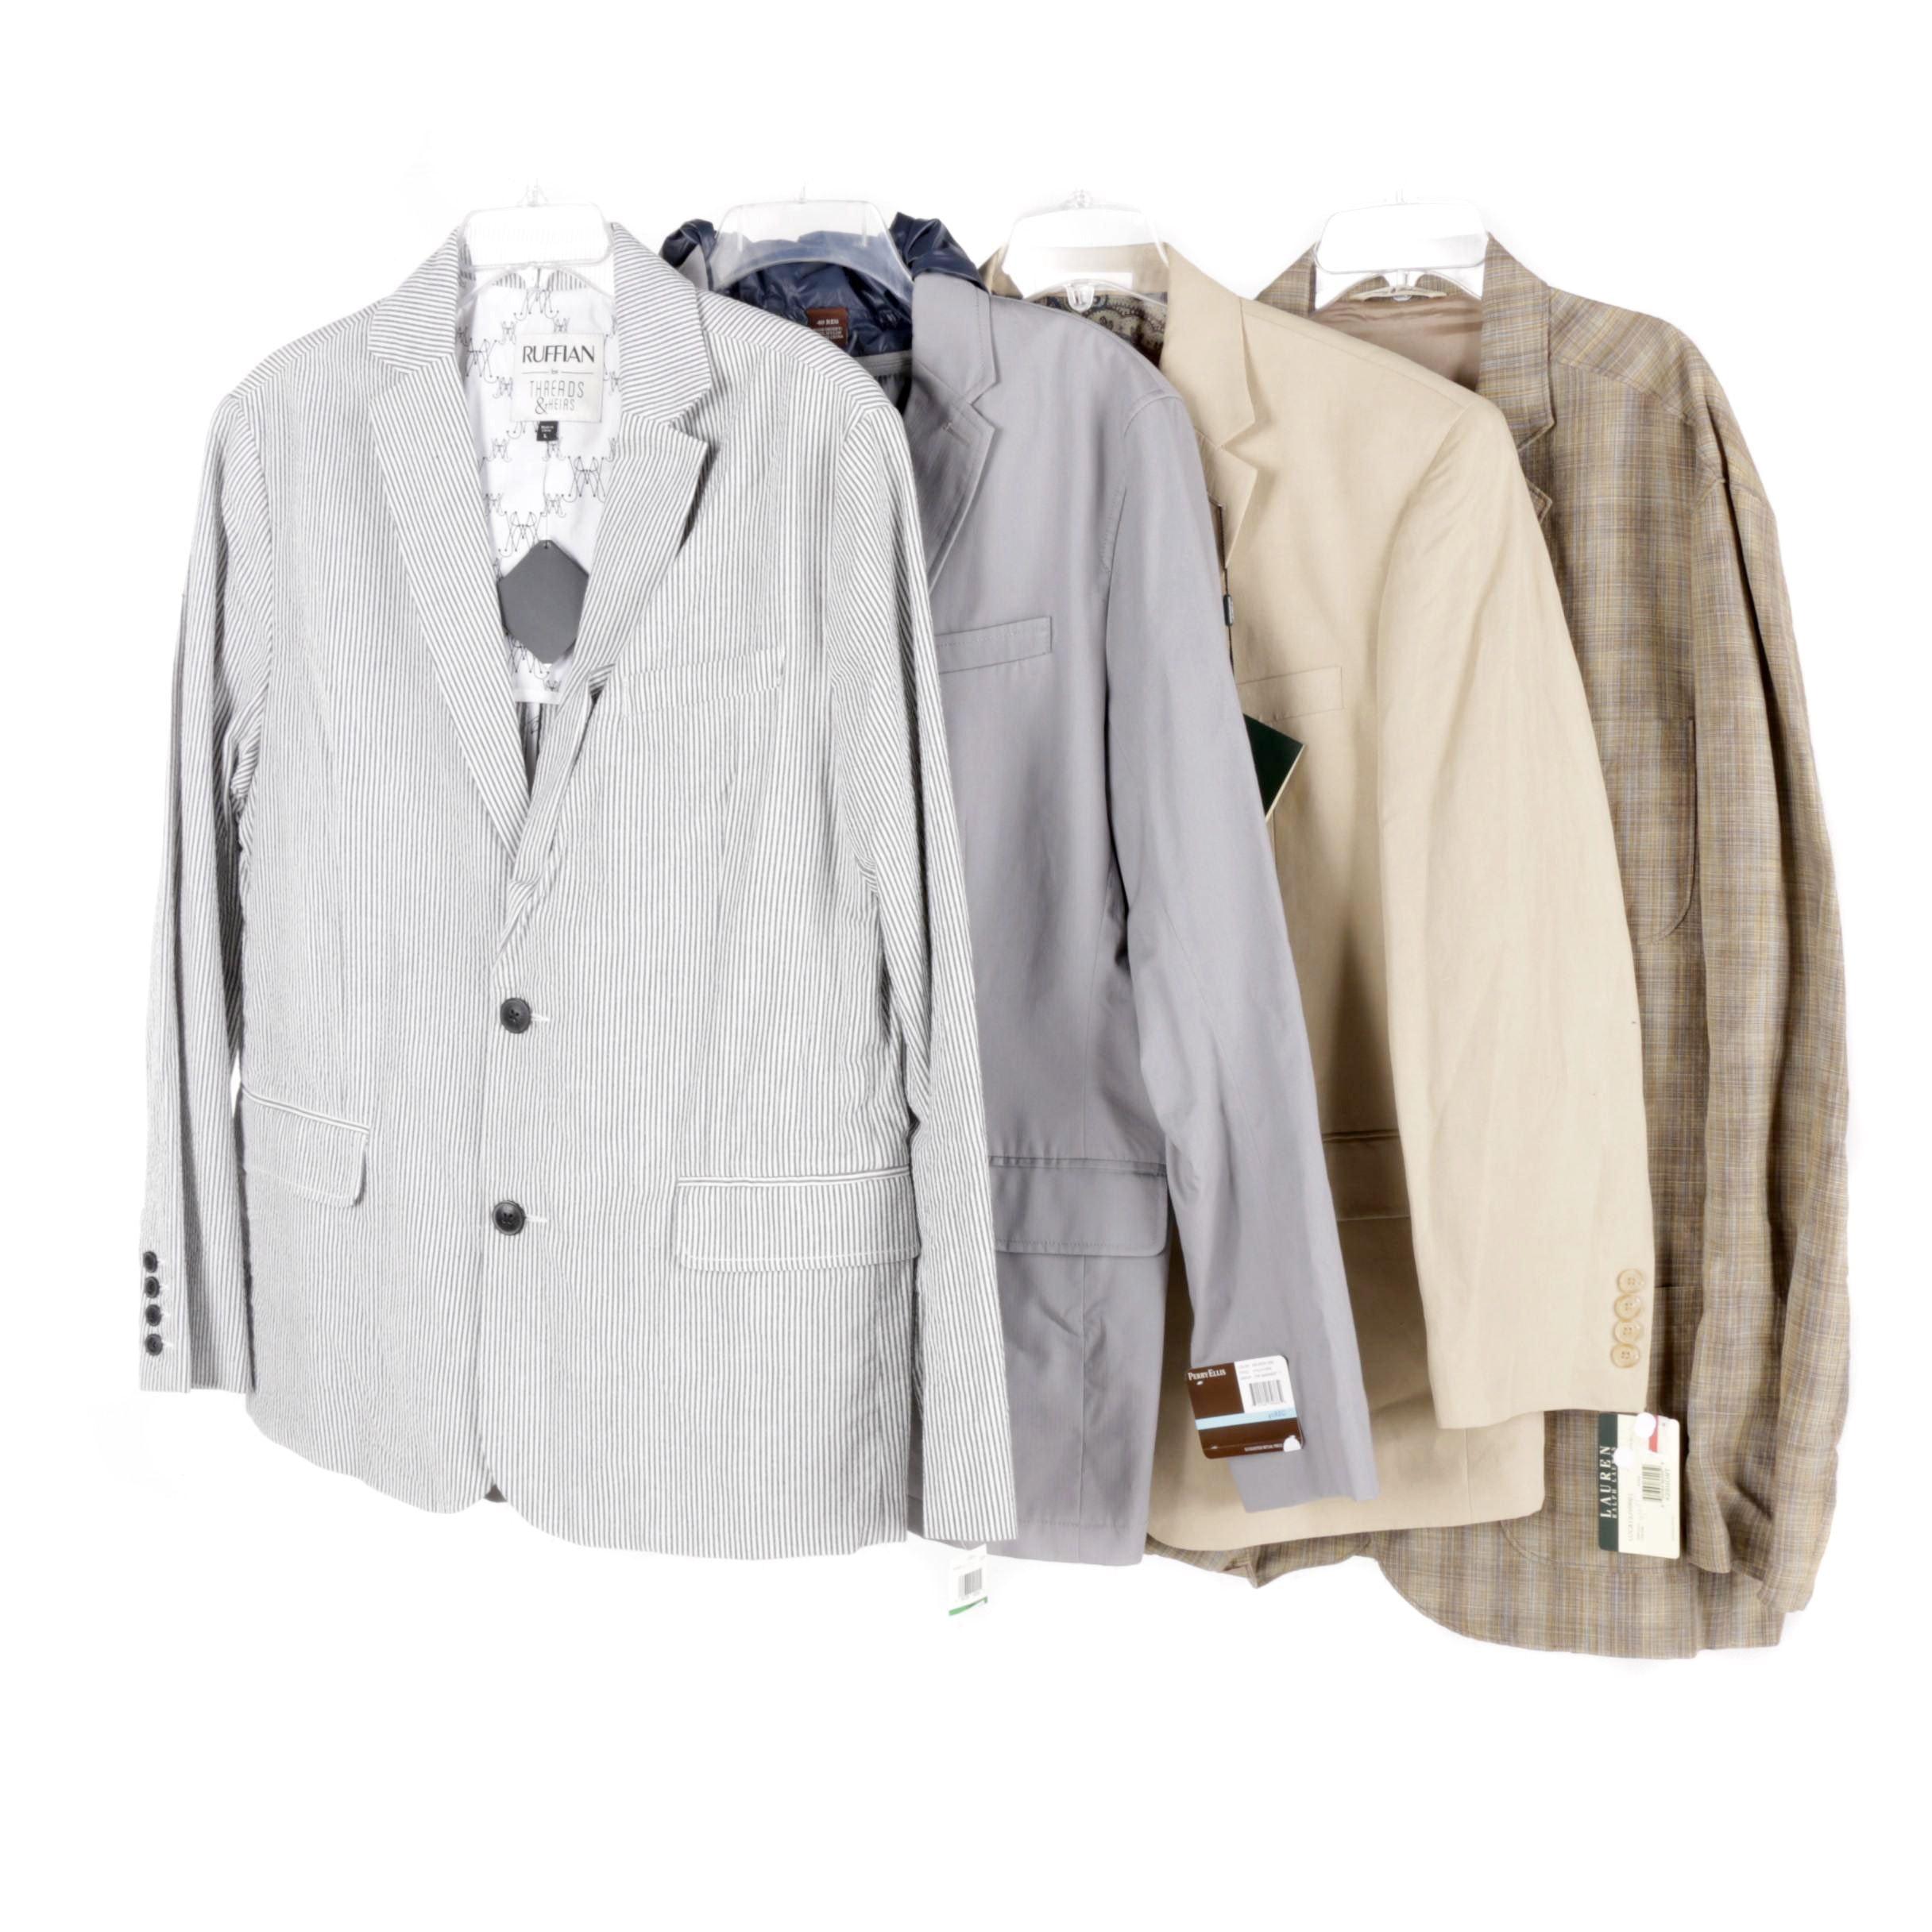 Men's Suit Jackets Including Lauren Ralph Lauren